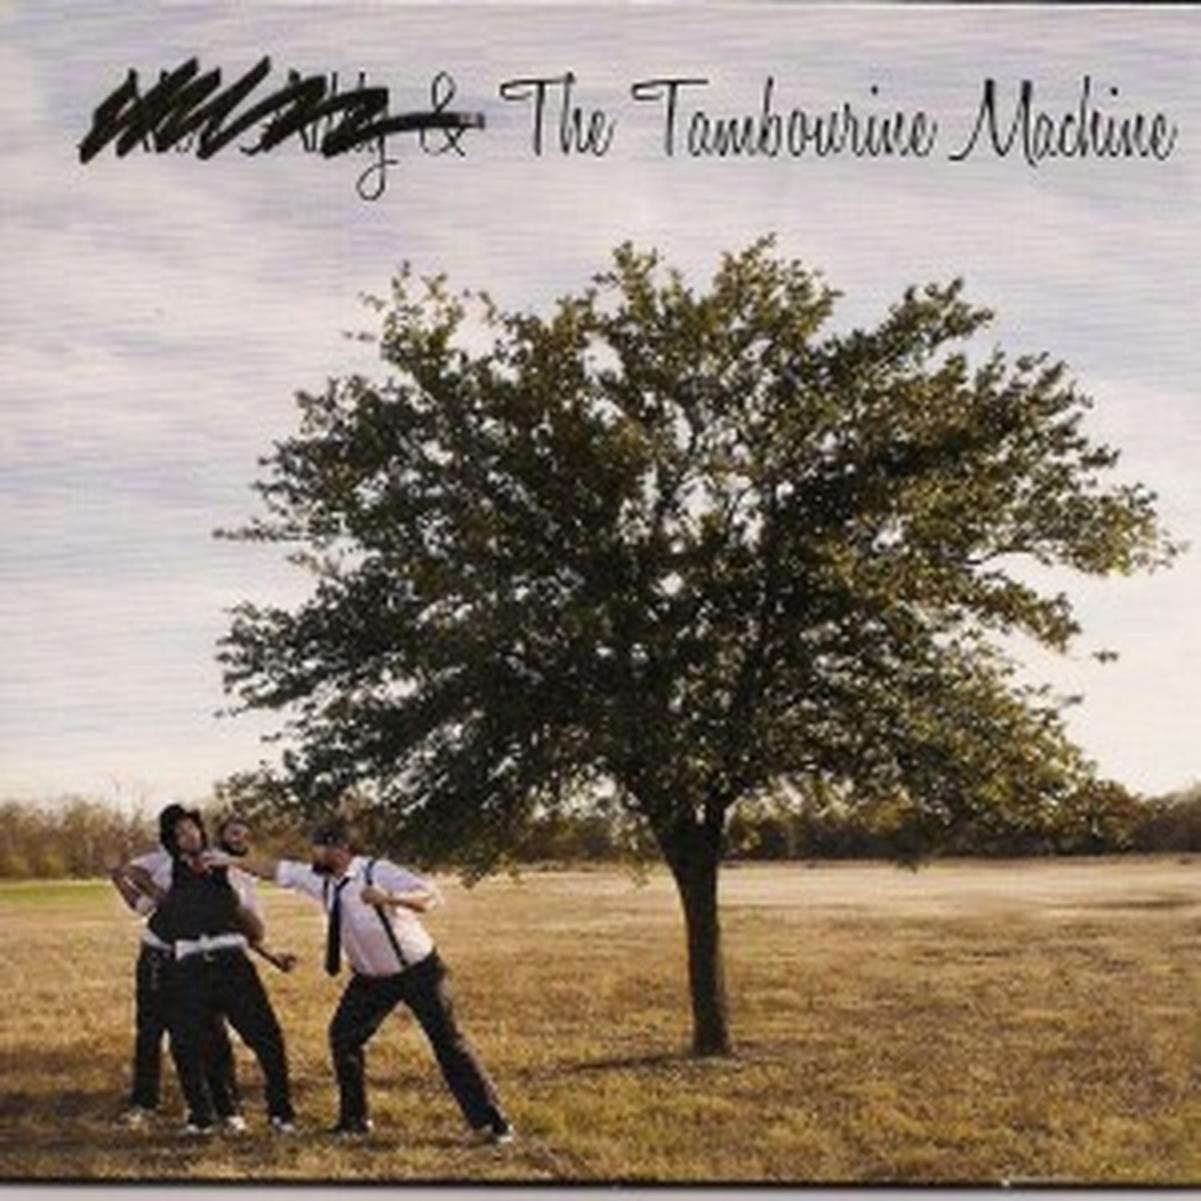 The Tambourine Machine